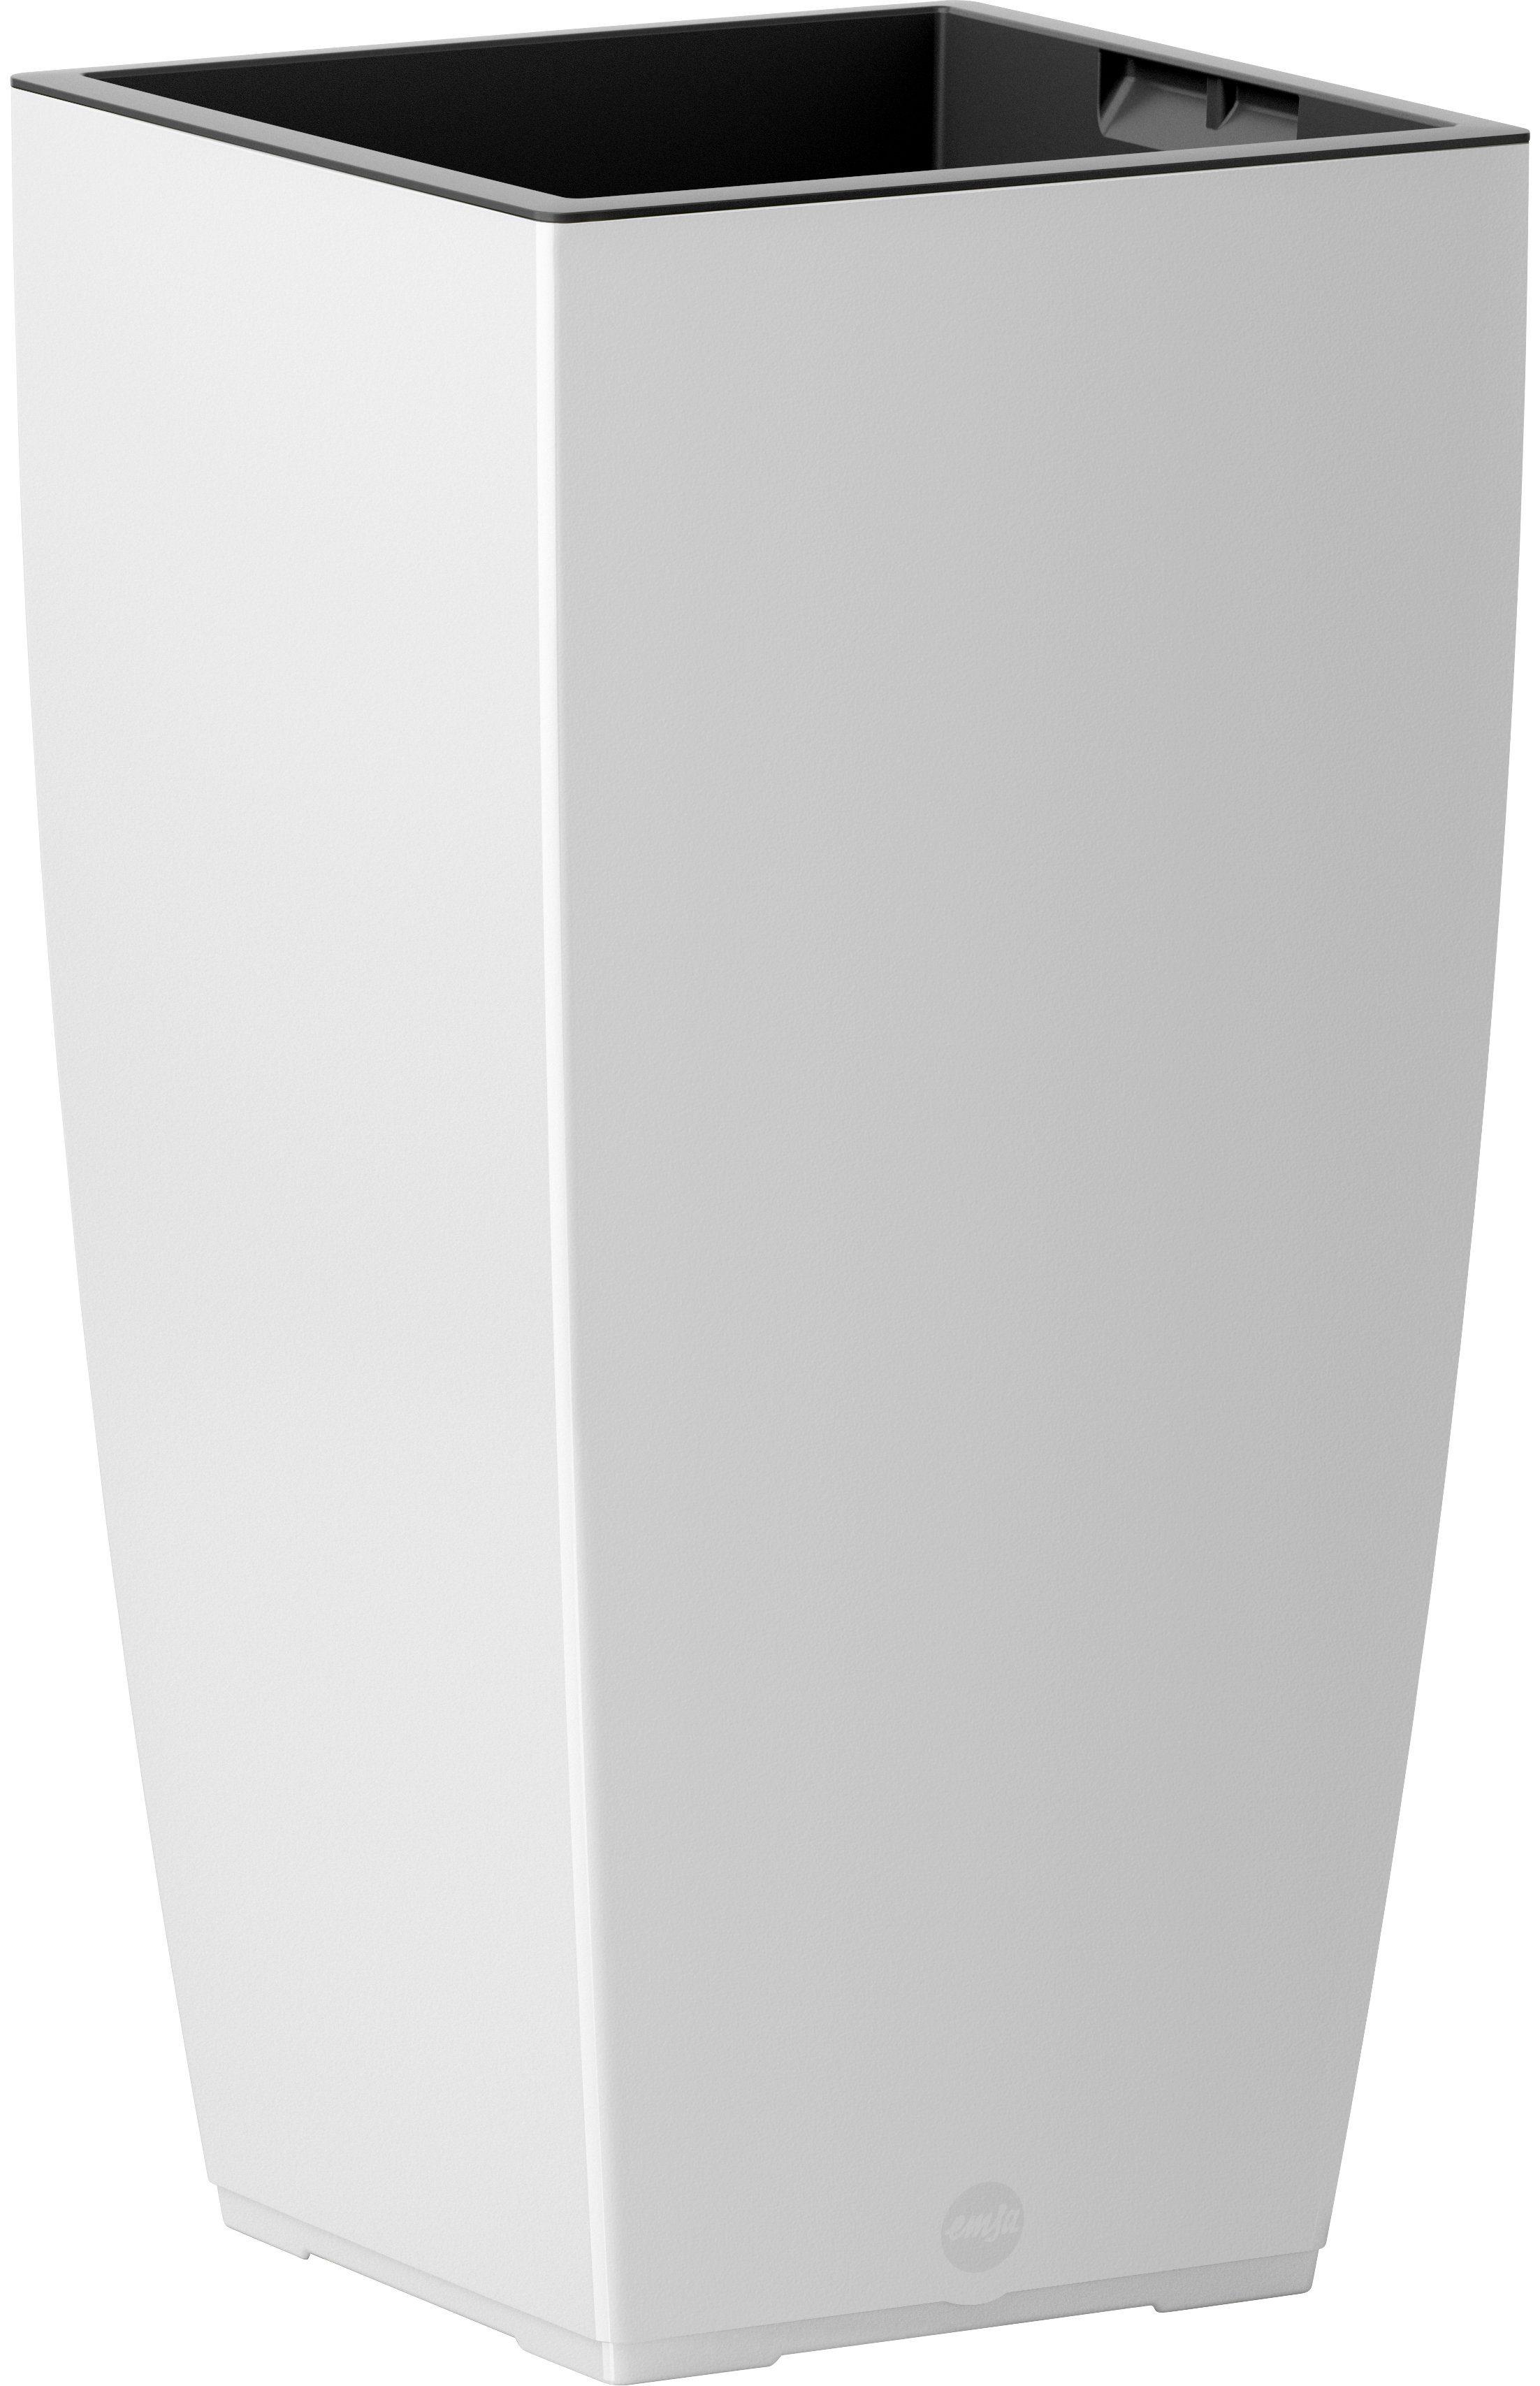 Blumenkasten »CASA Matt Säule«, BxTxH: 30x30x57 cm, weiß